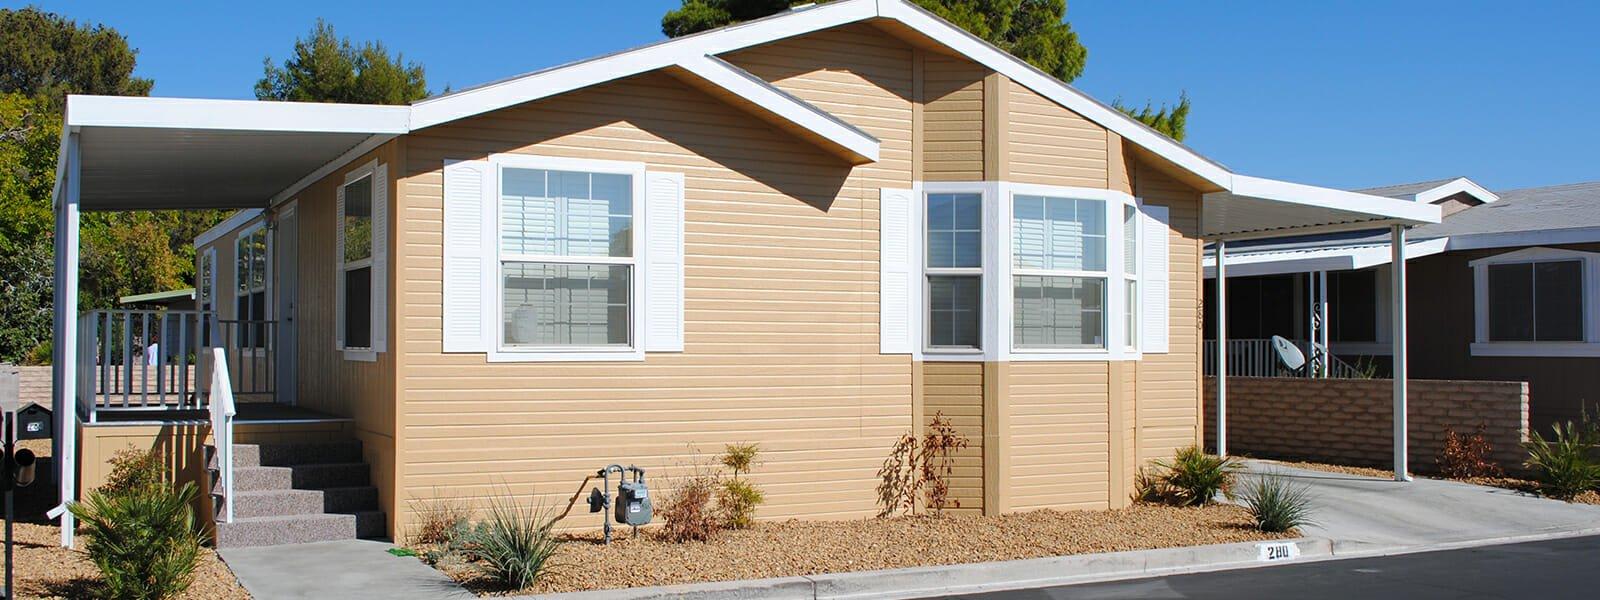 Las Vegas 55 Plus Community: A Place To Live After Retirement